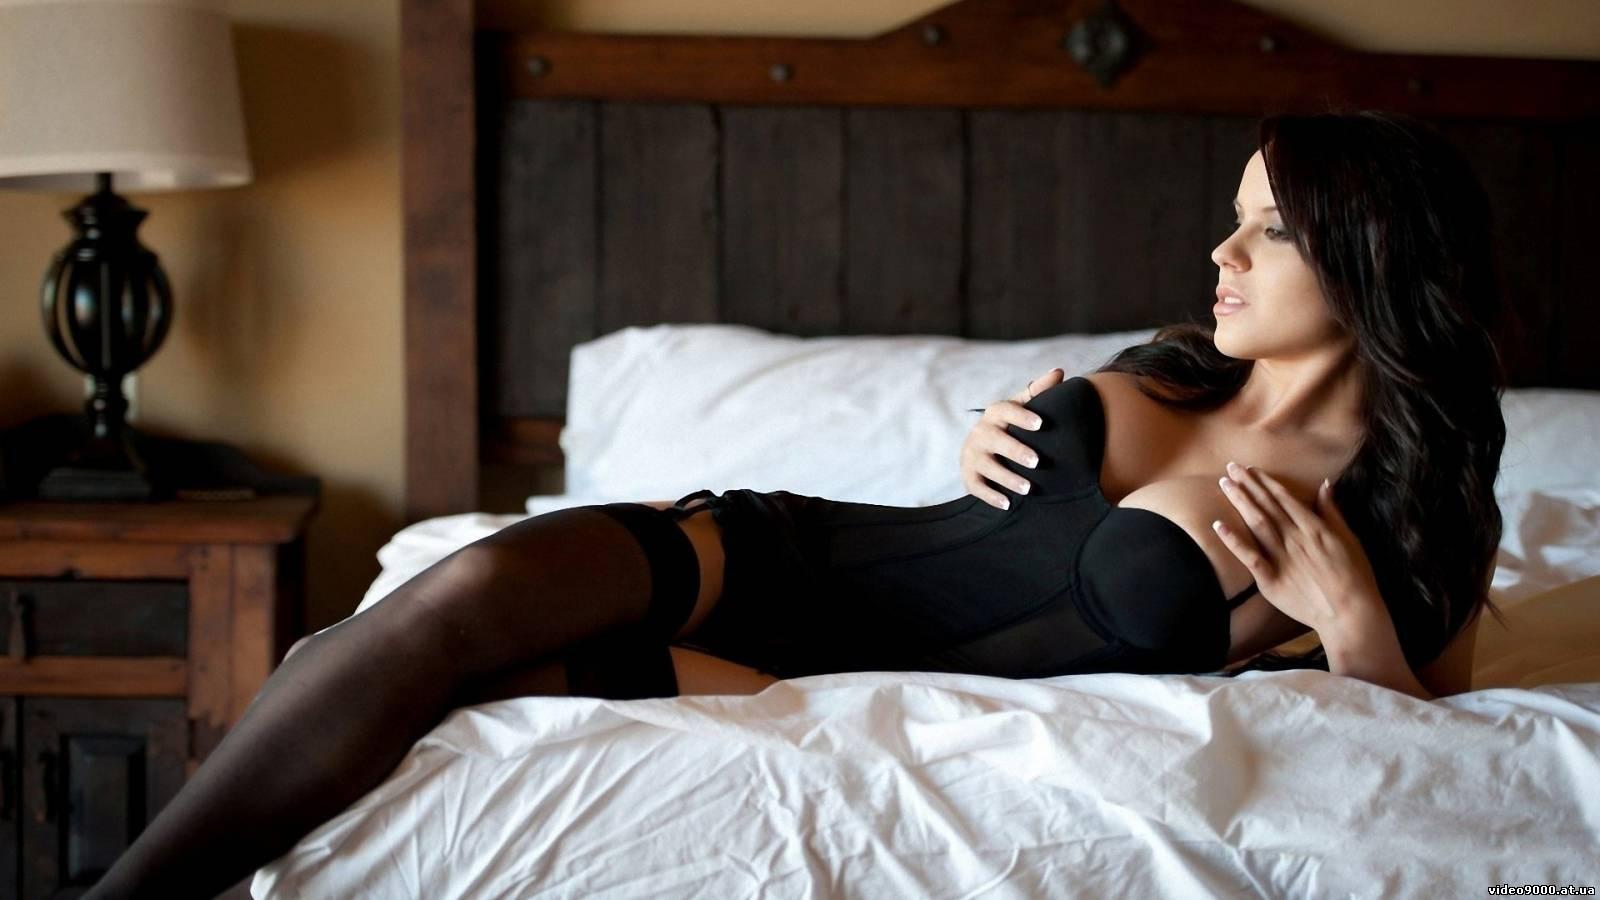 Фотографии роскошных женщин в чулках 21 фотография